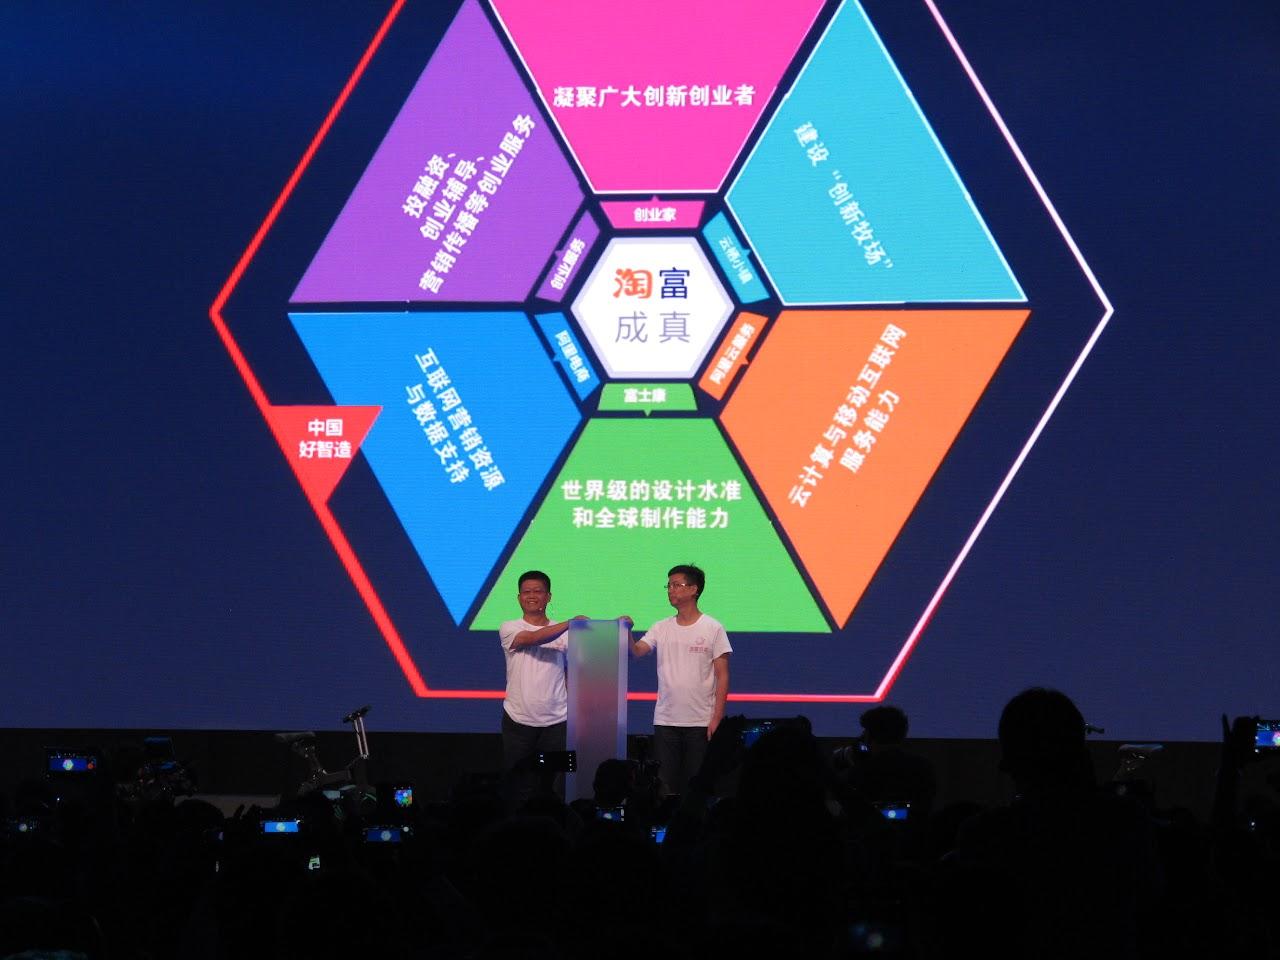 讓新創團隊「犯得起錯」!鴻海與阿里巴巴推創客製造平台「淘富成真」